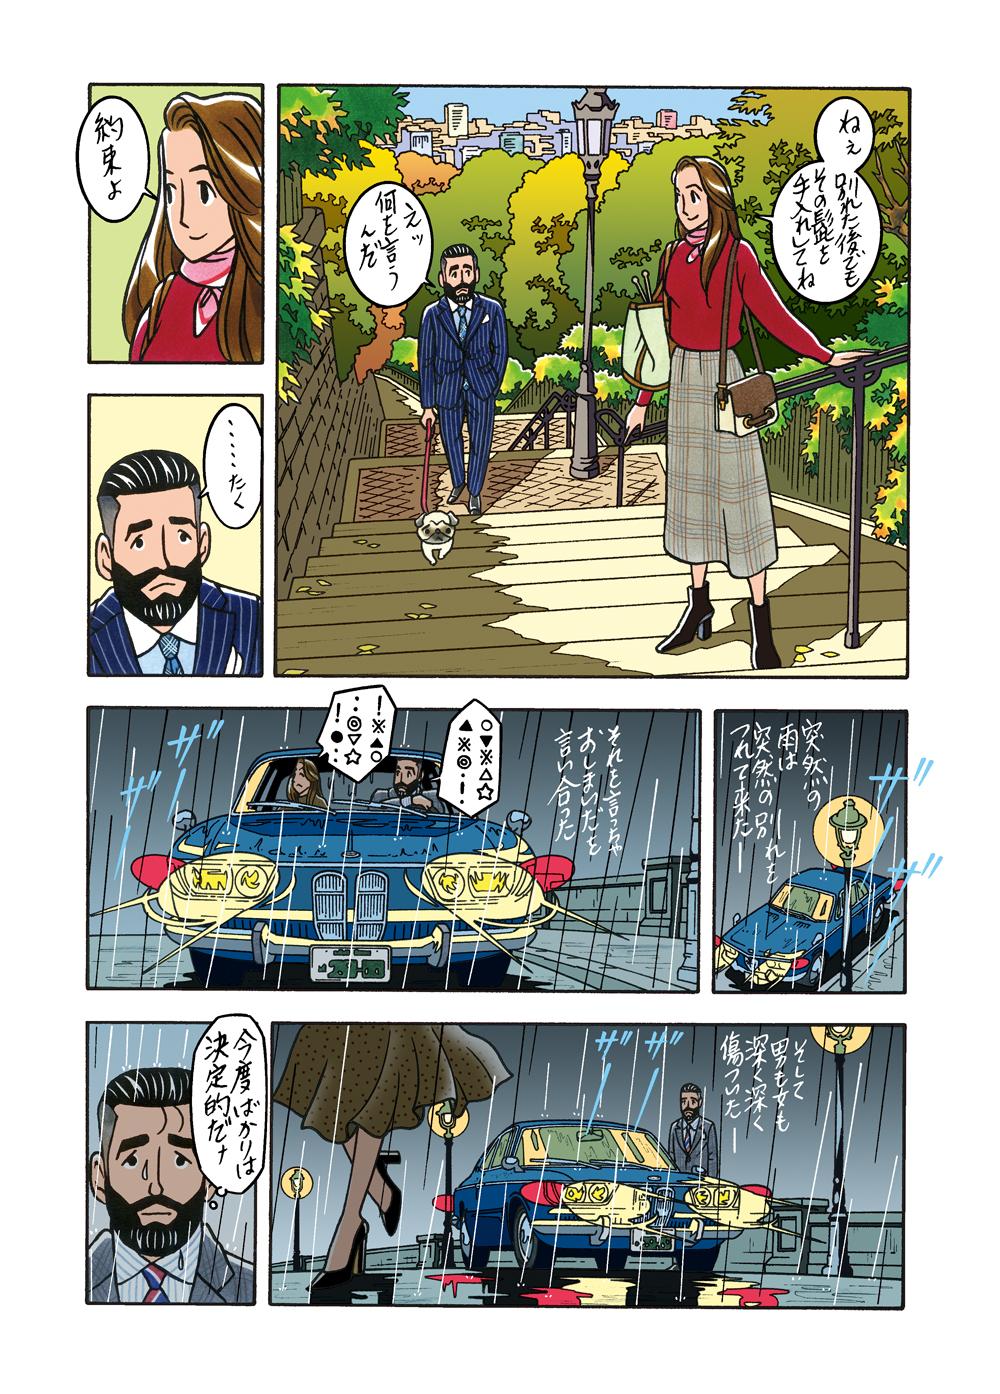 ワンダーカクテル 【第22話 その男の髭】3ページ目画像